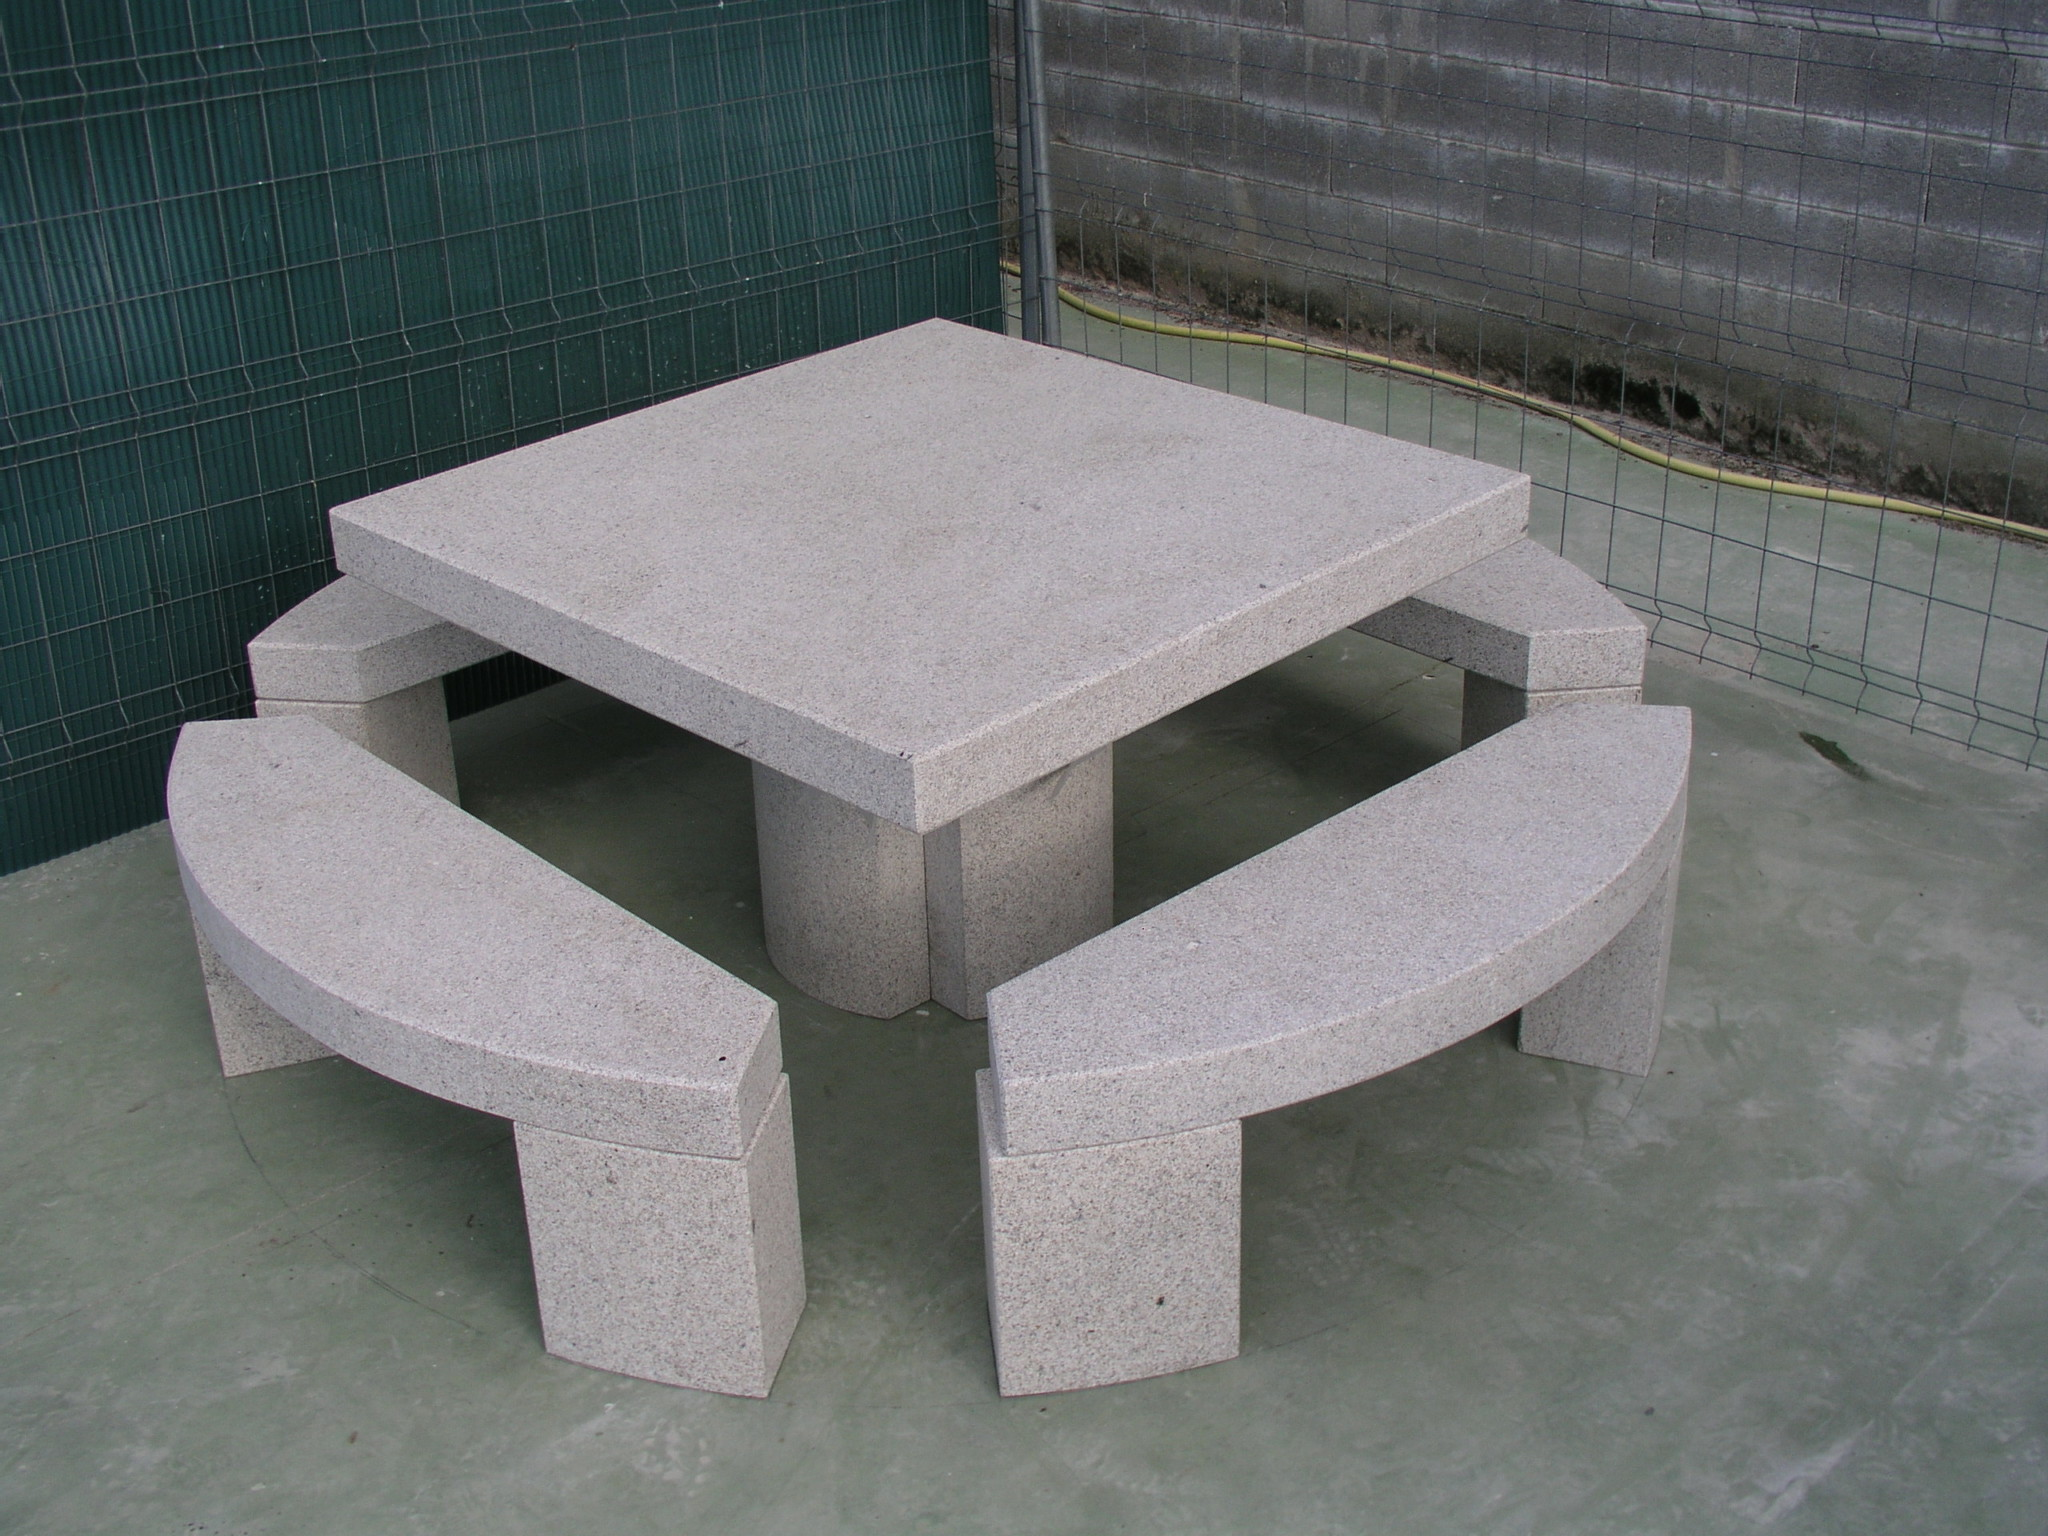 Mesas de piedra para jardin mesas de piedra para jardin - Mesas de piedra para jardin ...